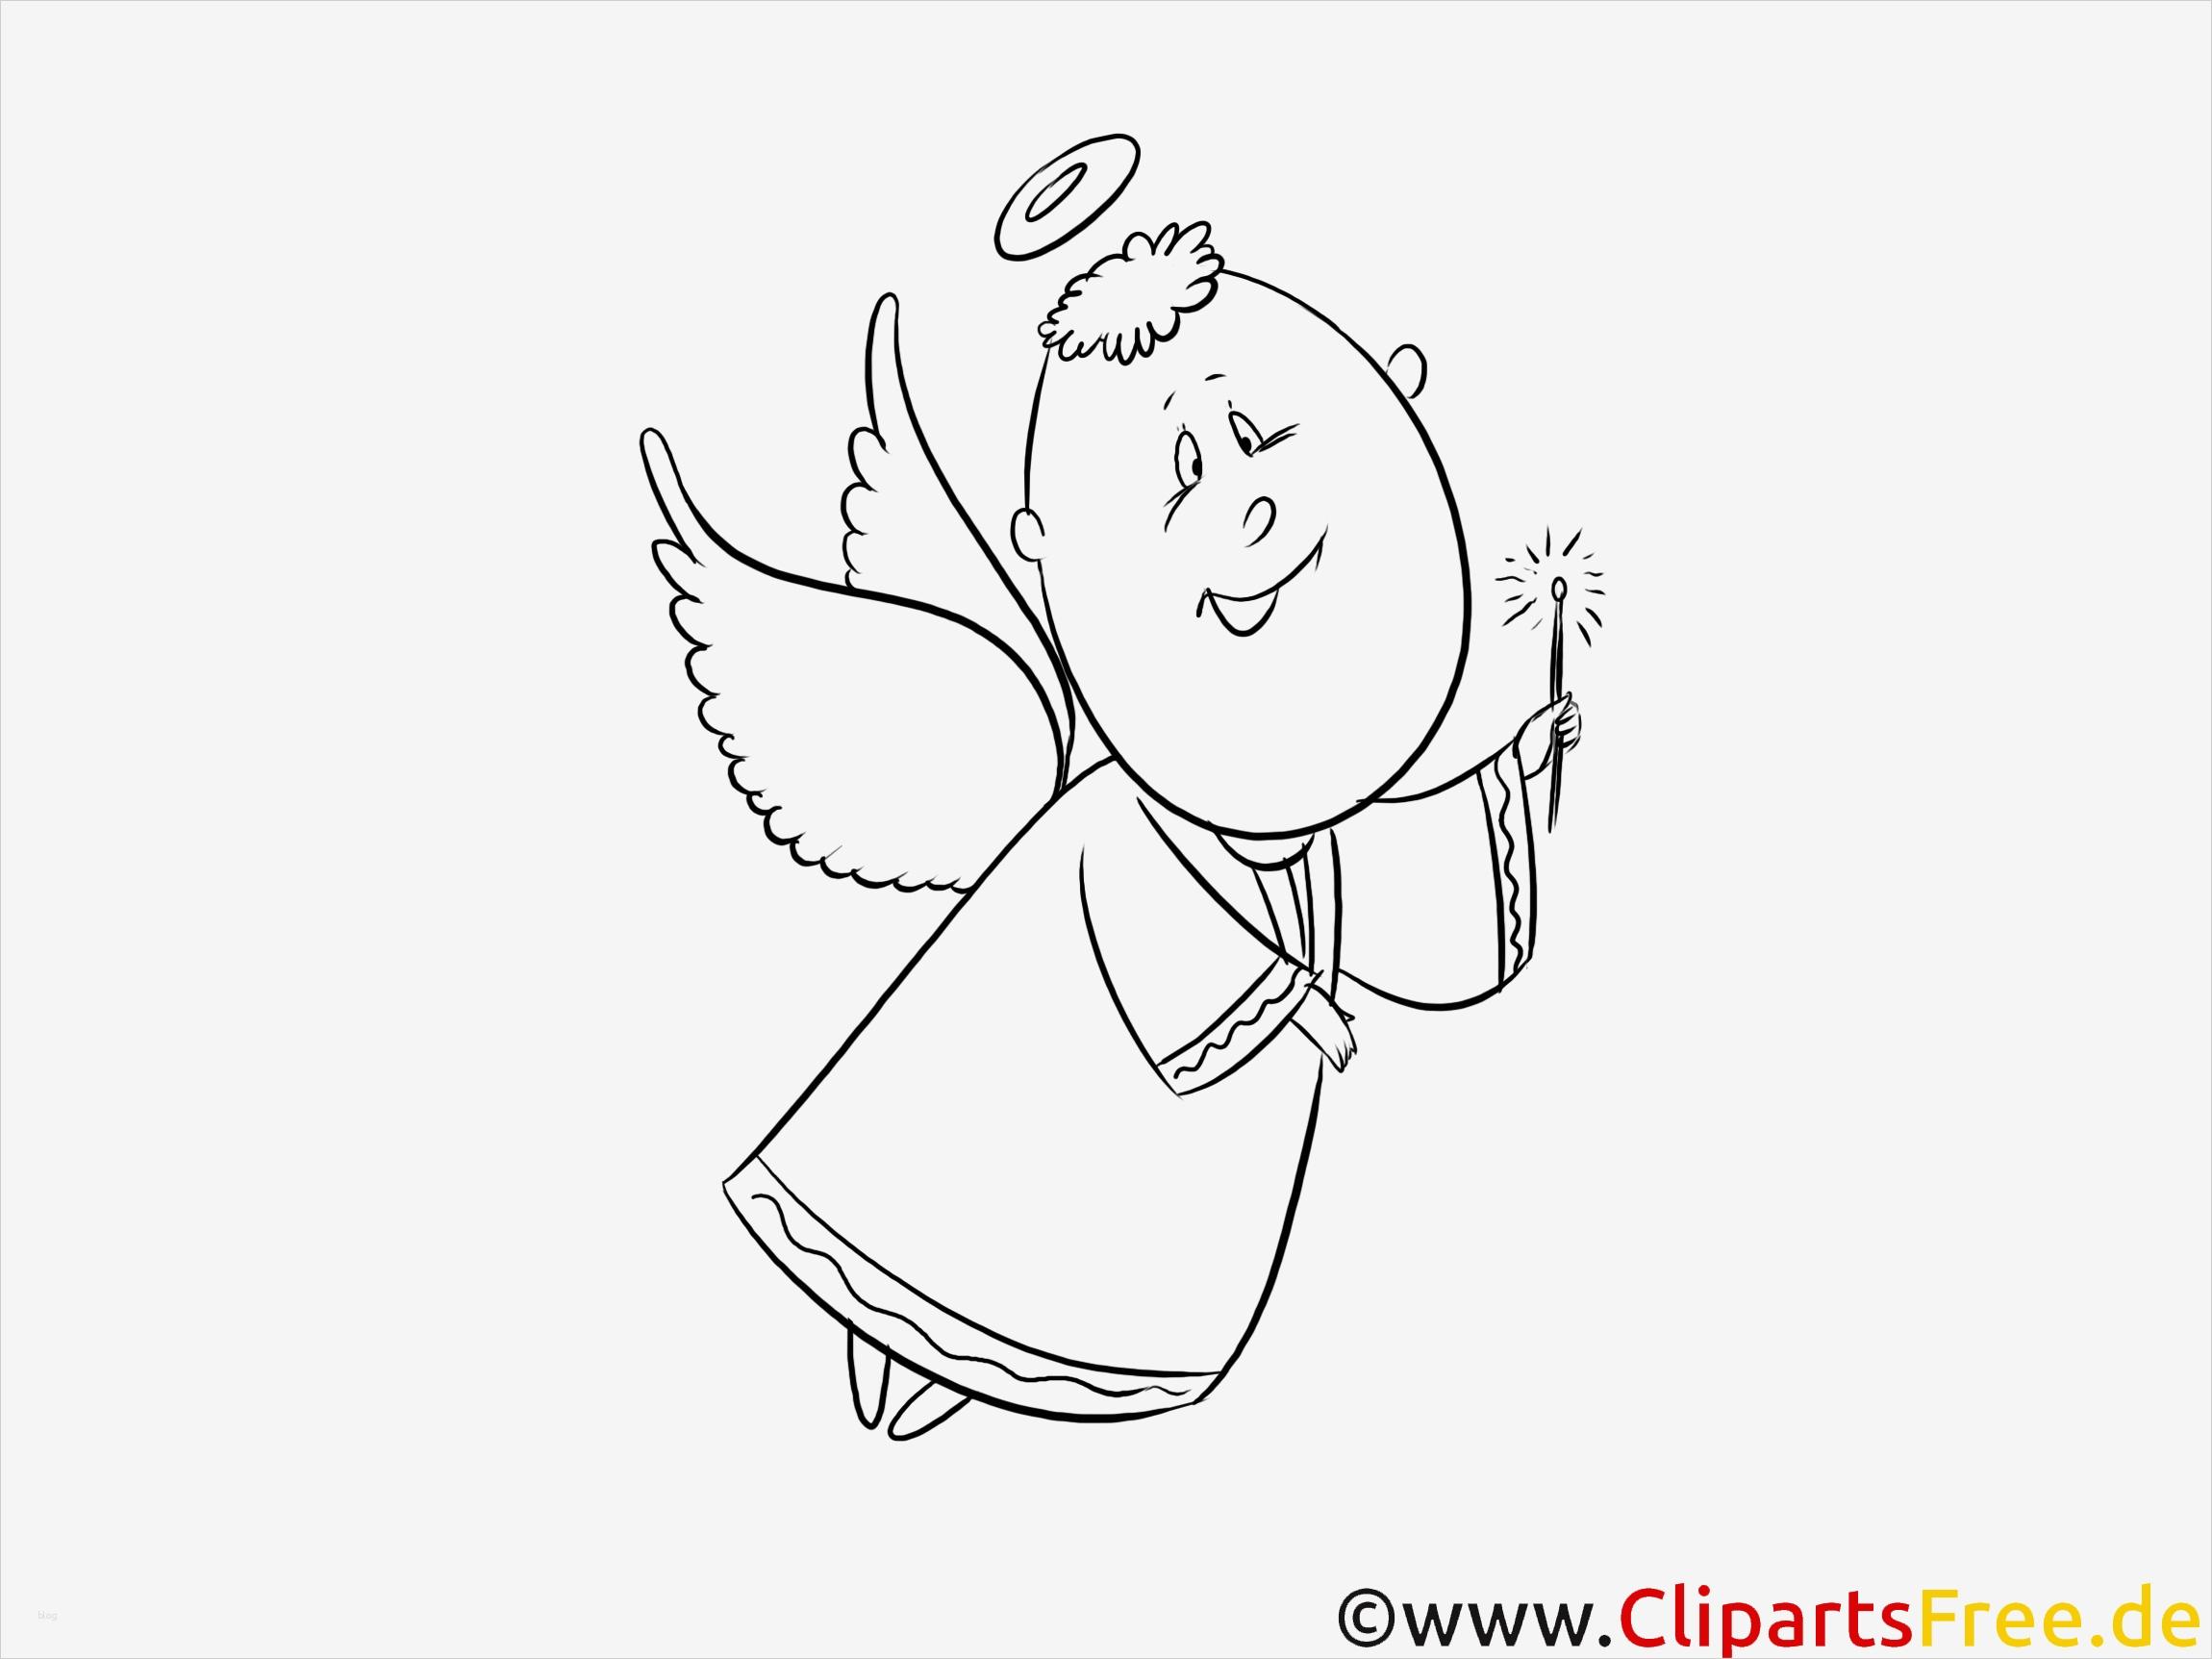 vorlage engel zum aussägen elegant engel malvorlage